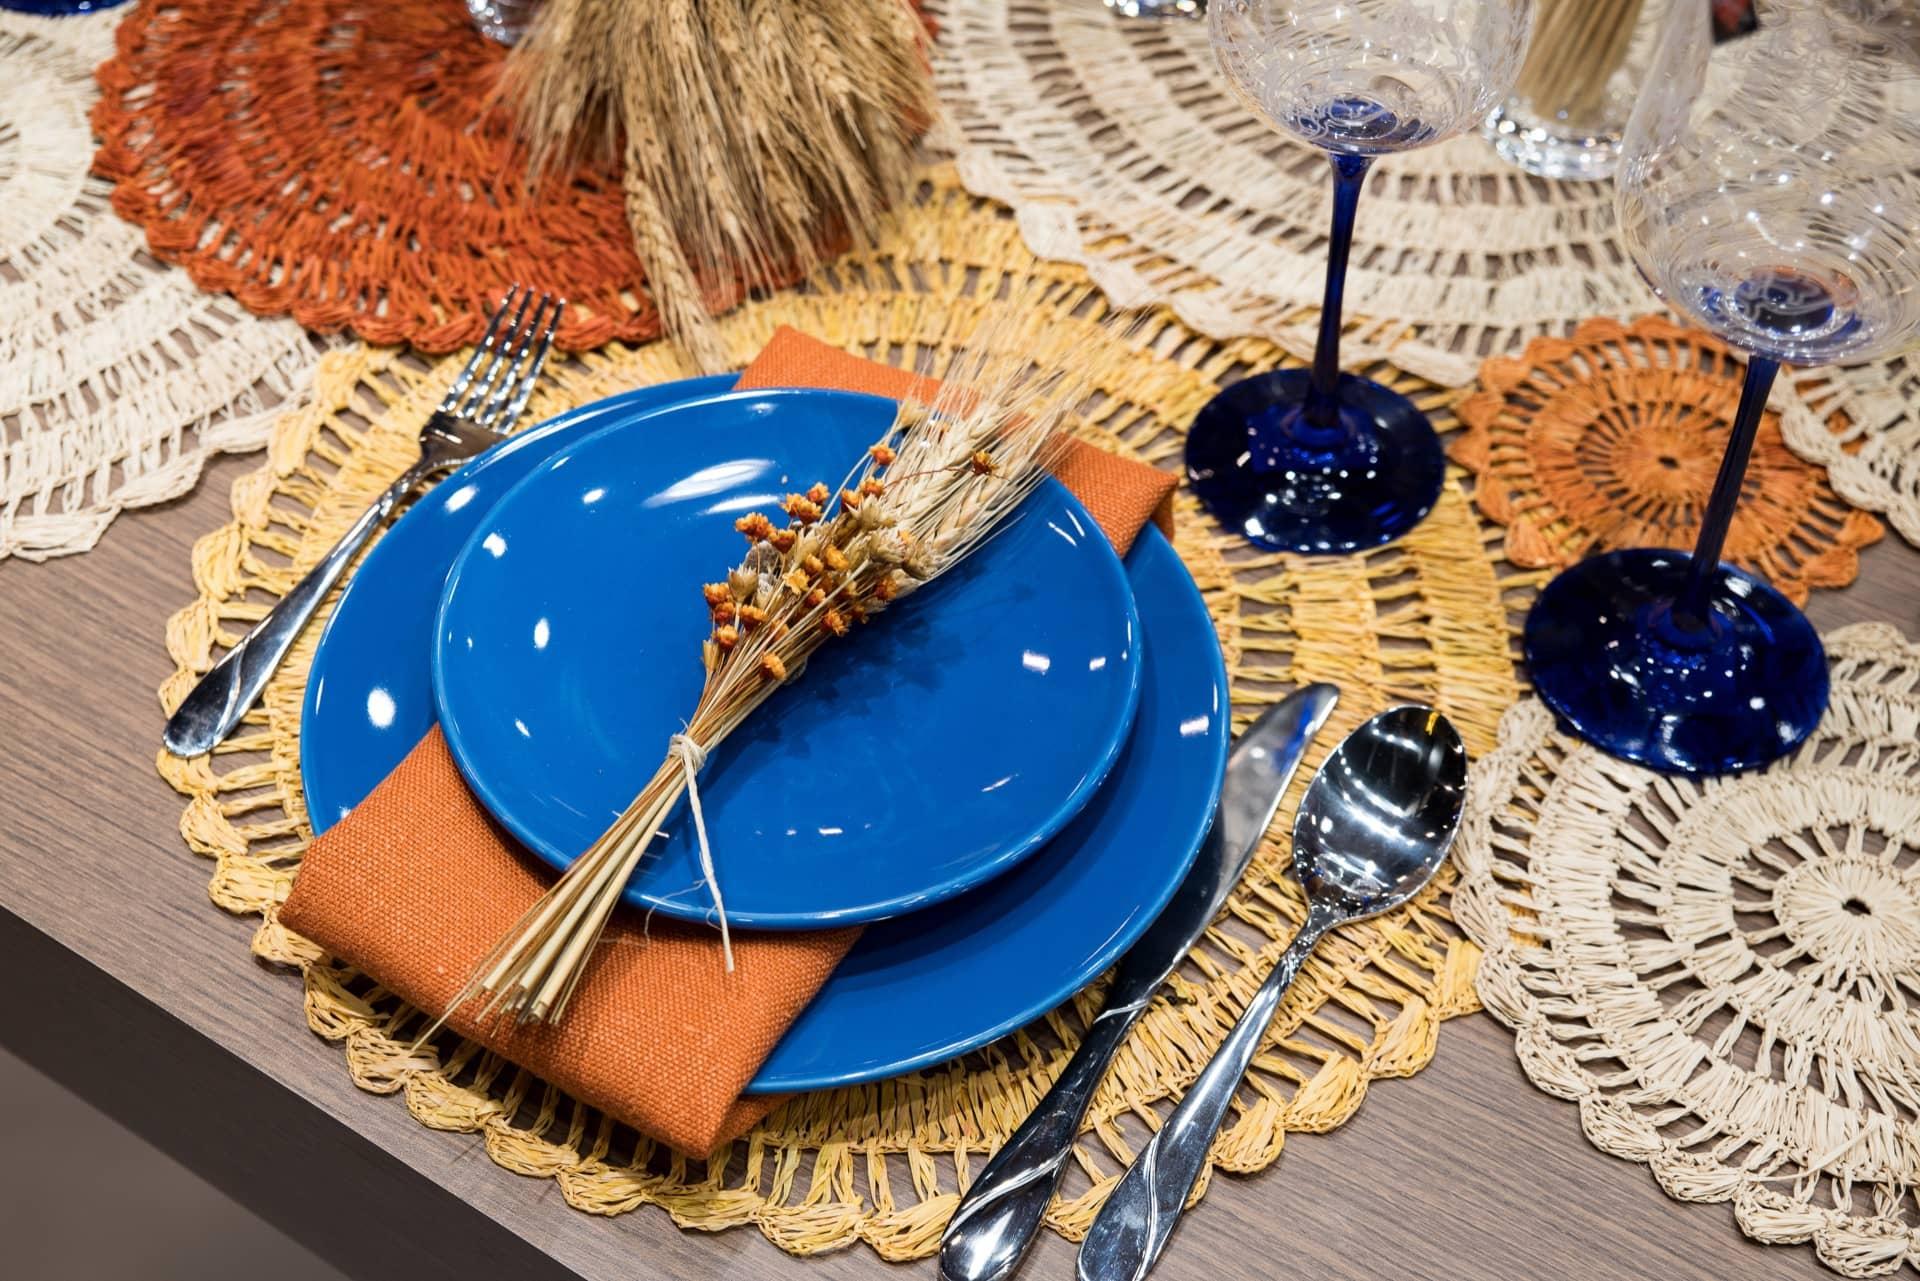 """As flores secas, super em alta na decoração, ficam sobre o prato da entrada, amarradas num delicado buquê. O guardanapo, em tom terroso, envolve o prato de jantar. Toalhinhas de palha, em vários tons naturais, reforçam o estilo rústico da mesa. Os pratos de cerâmica são da linha Unni da Oxford. Foto: Henrique Peron. Realização: <a href=""""https://www.instagram.com/lardocecasa/"""">Giselle Martos</a>"""